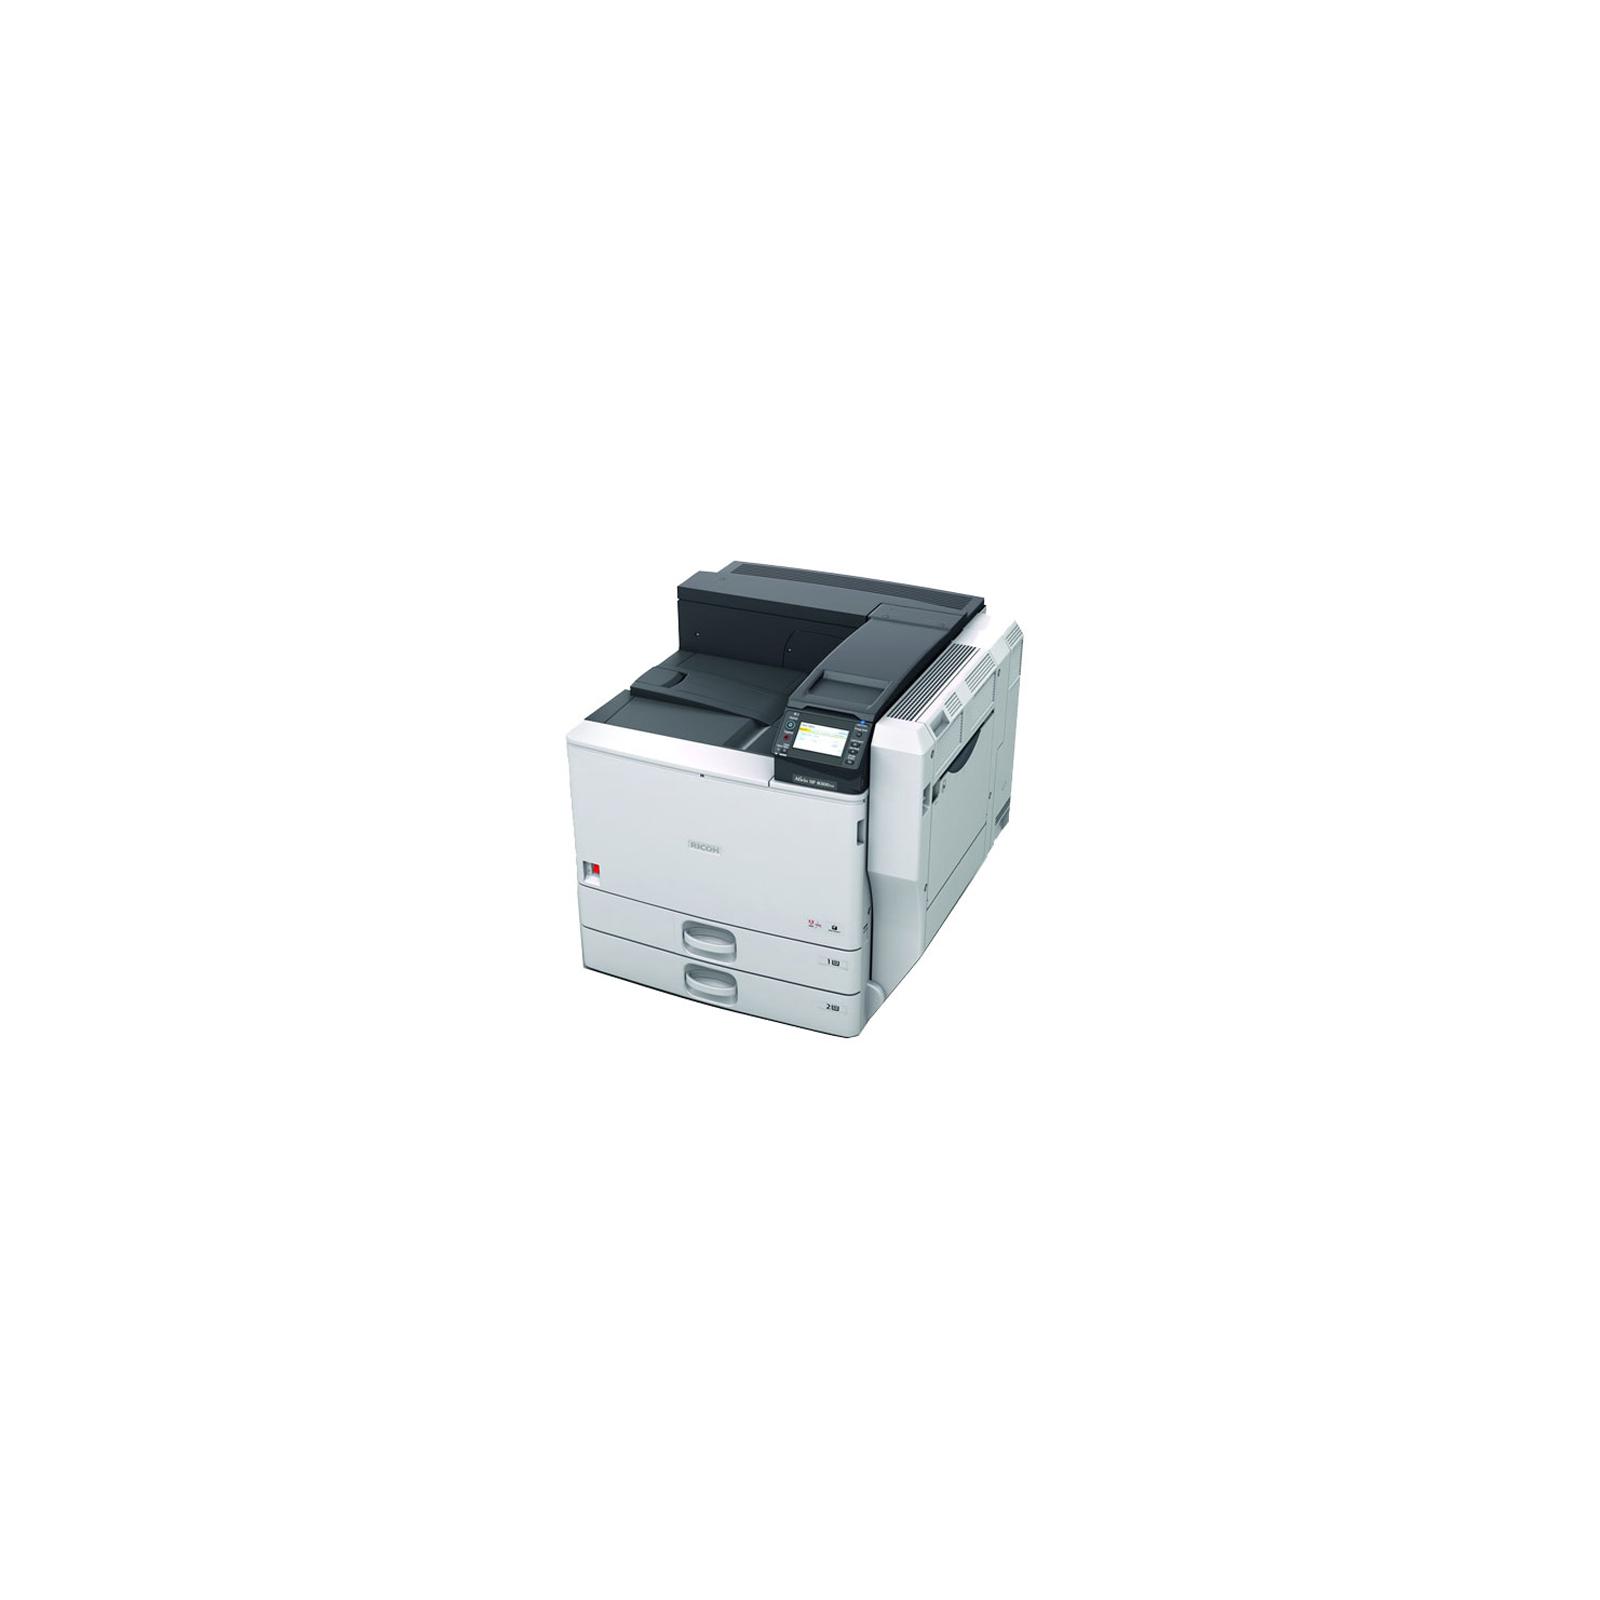 Лазерный принтер Ricoh SP 8300DN (SP8300DN)